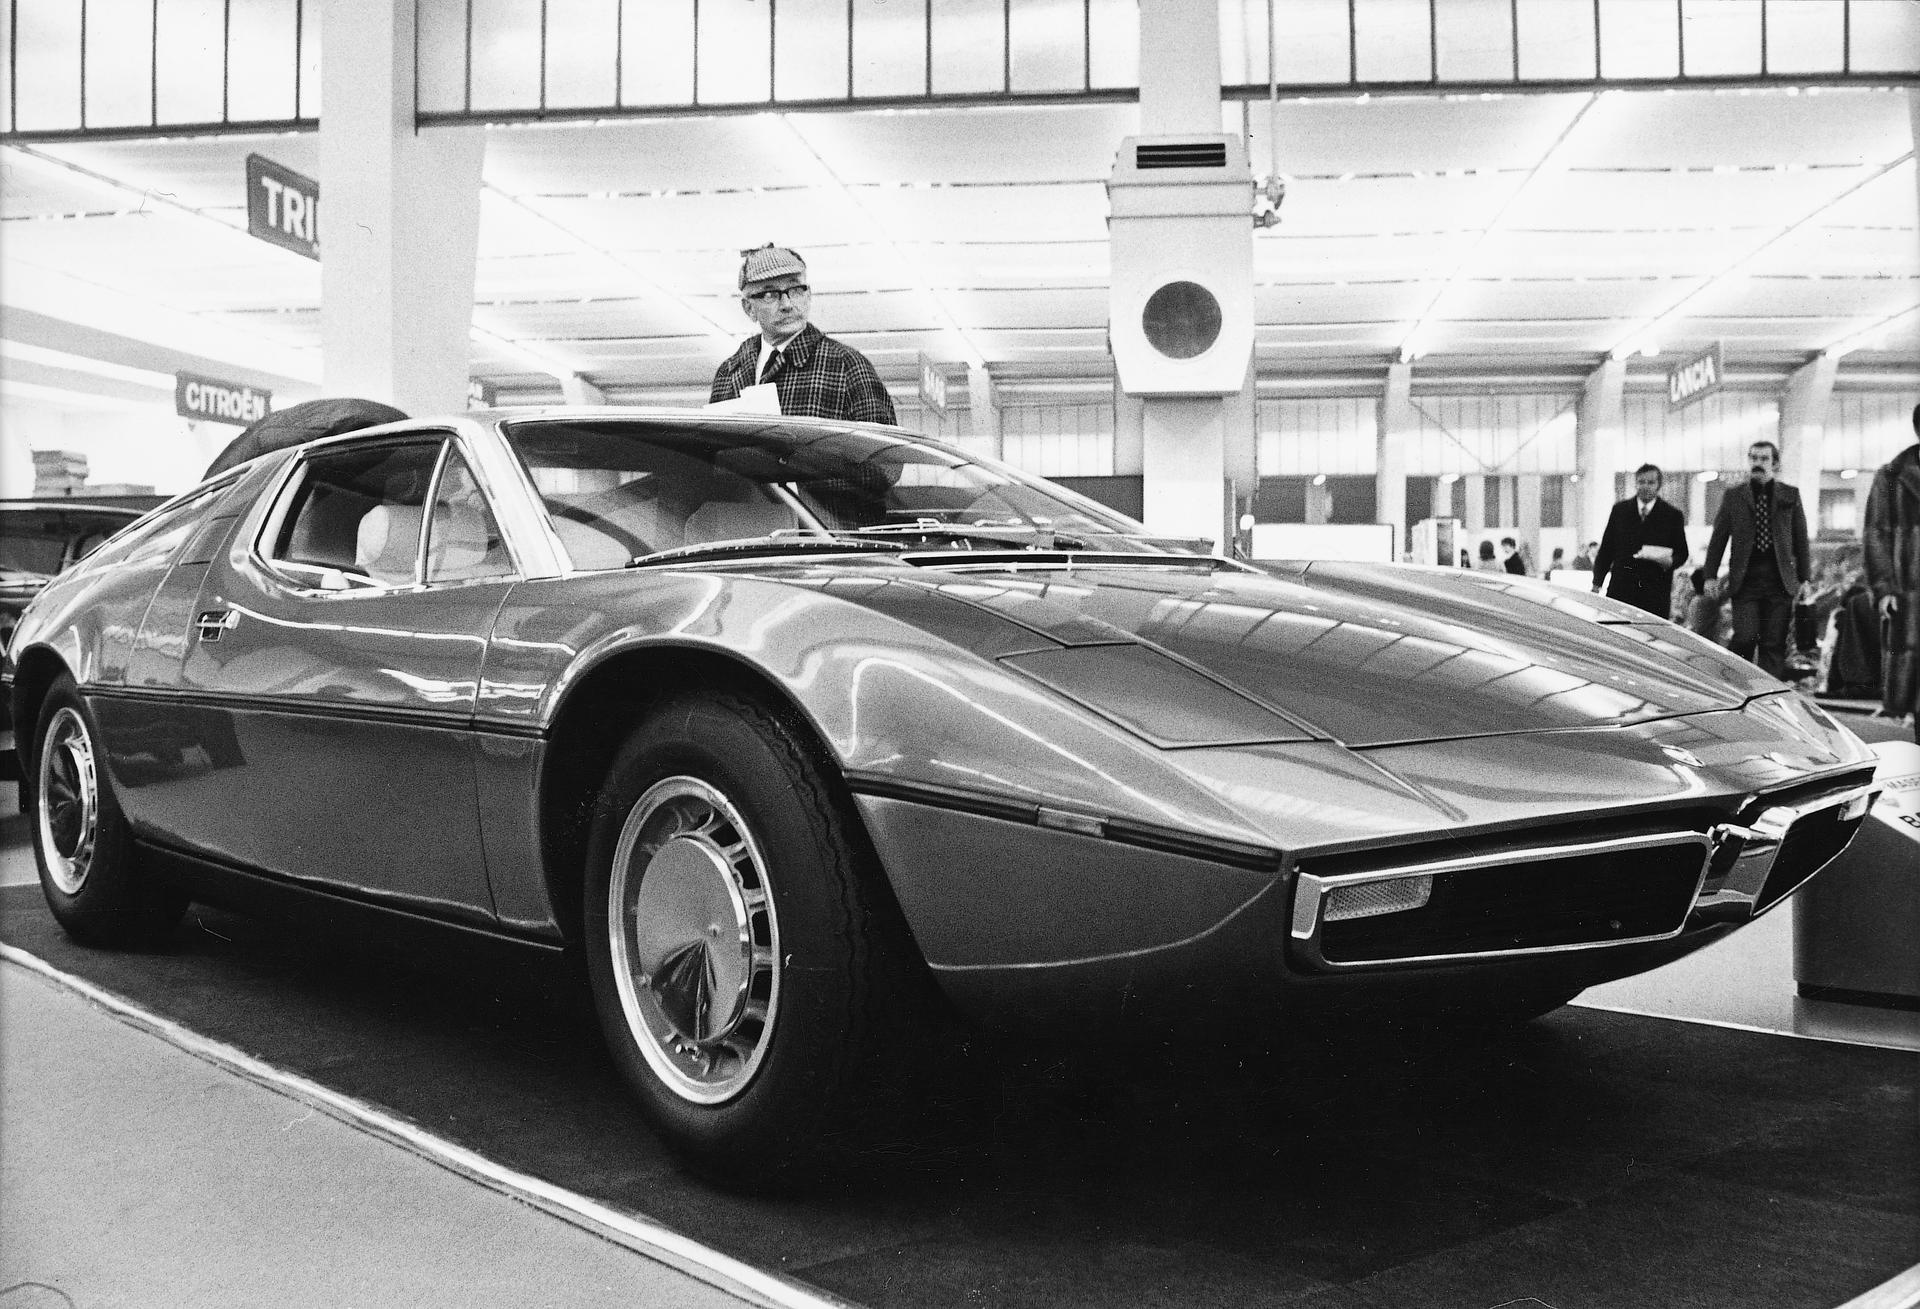 07_Maserati_Bora @Geneva Motor Show 1971